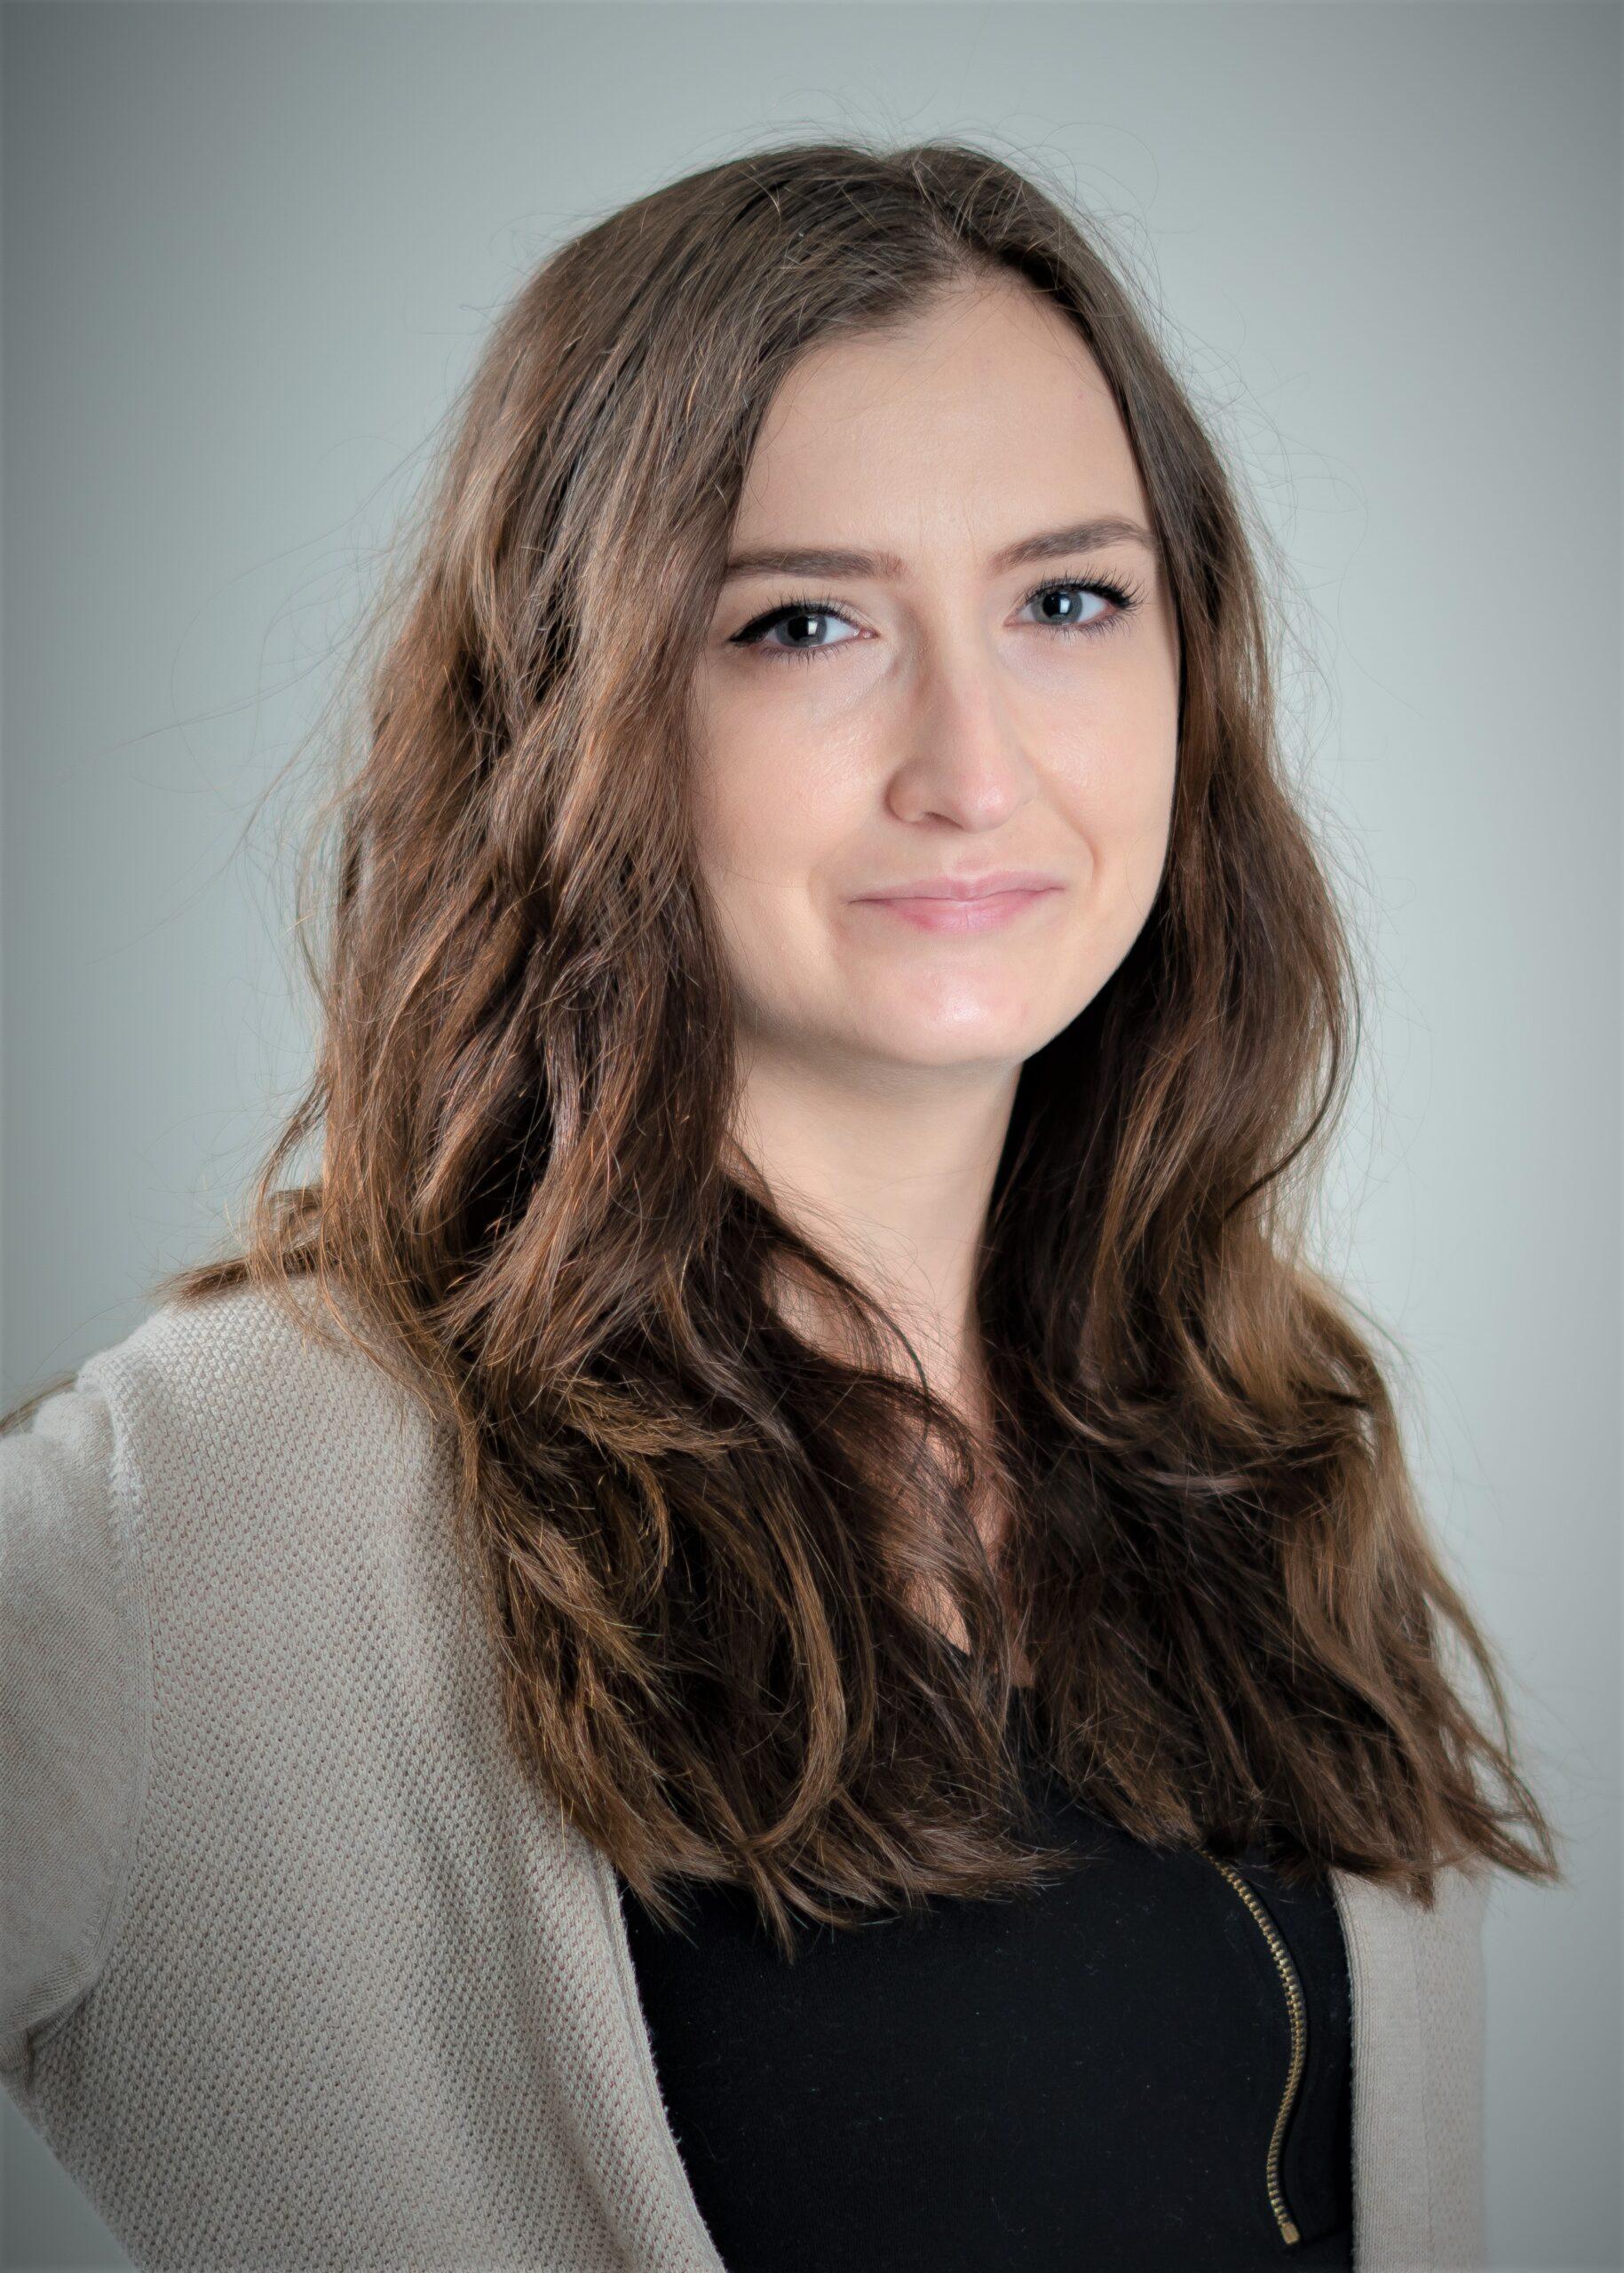 Jenna M